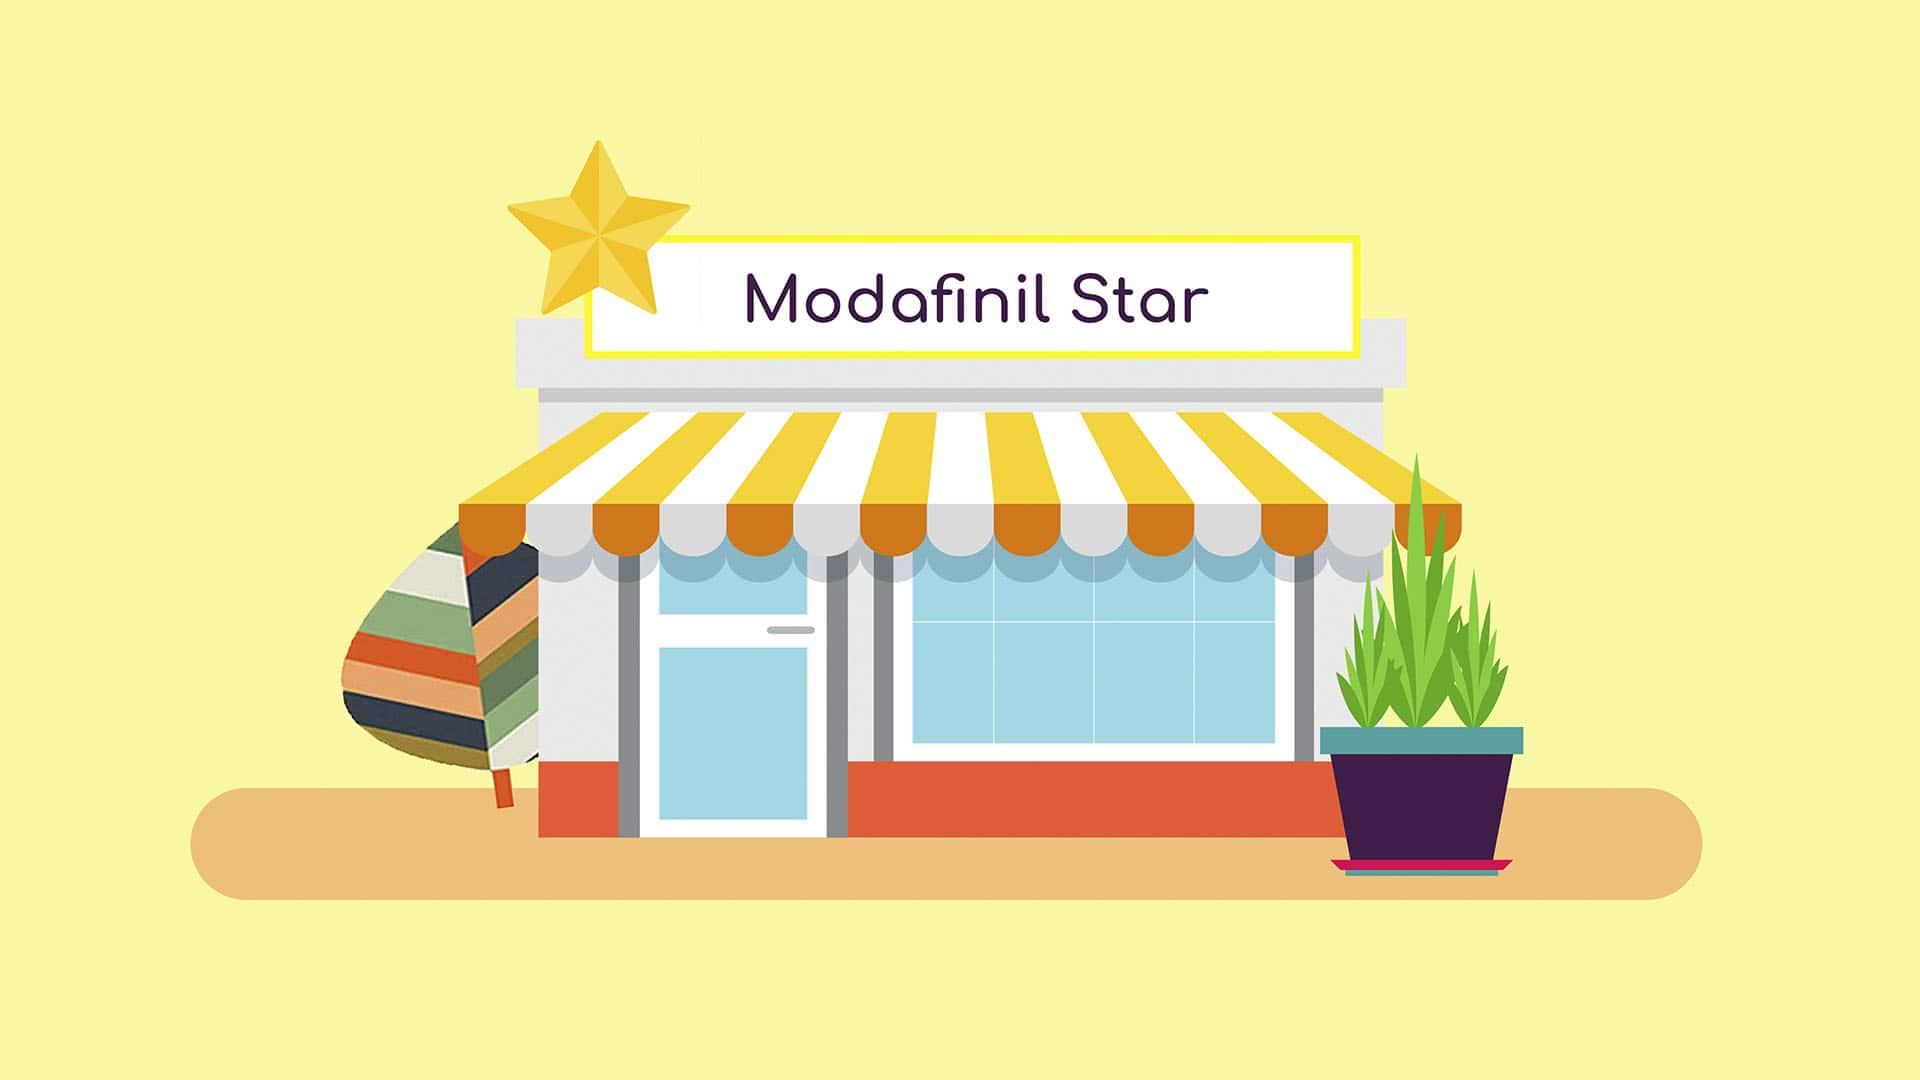 modafinil star